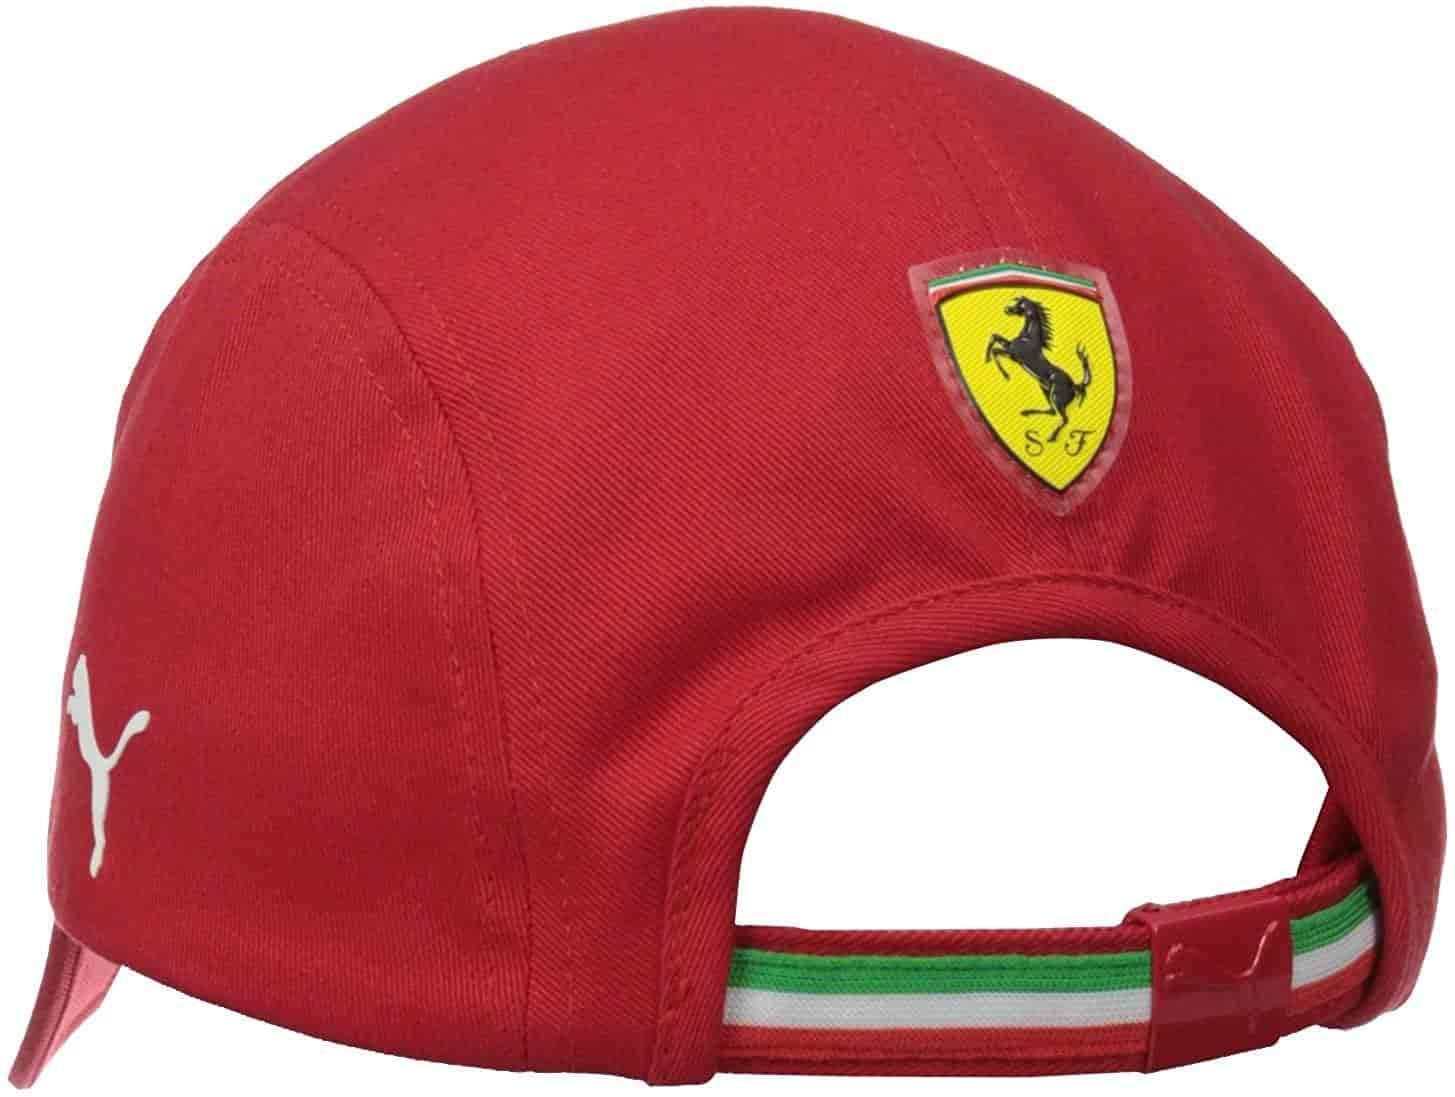 Tapa De Ferrari Sf Puma Hombres cF5PL